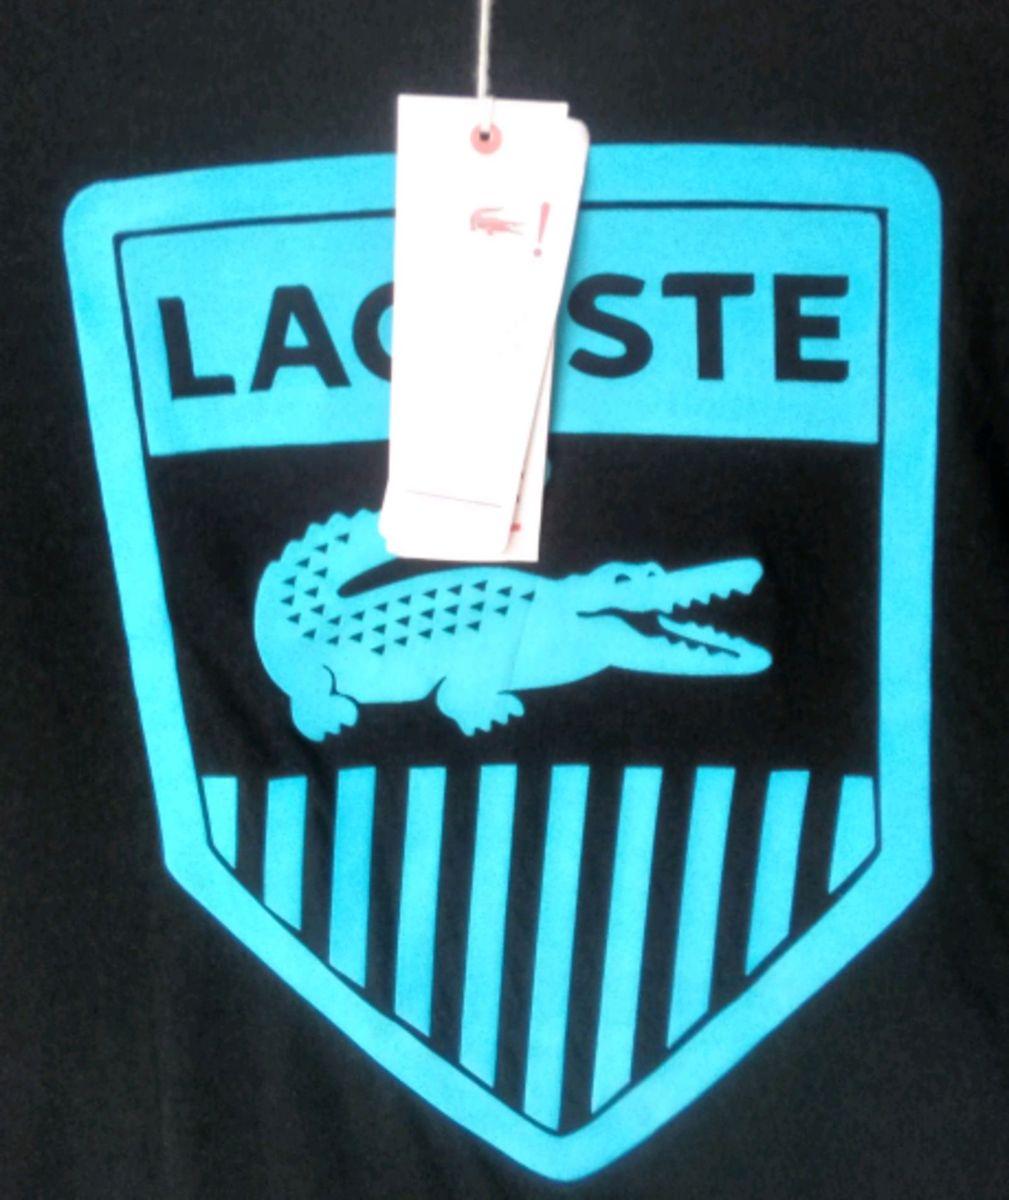 83ea14114de4d lacoste live camisetas - camisetas lacoste live.  Czm6ly9wag90b3muzw5qb2vplmnvbs5ici9wcm9kdwn0cy81mtuzodk5lzi4ntm5yzbmowu0n2i4mjvkmdbmmzzmmwzhytbmnmqxlmpwzw  ...